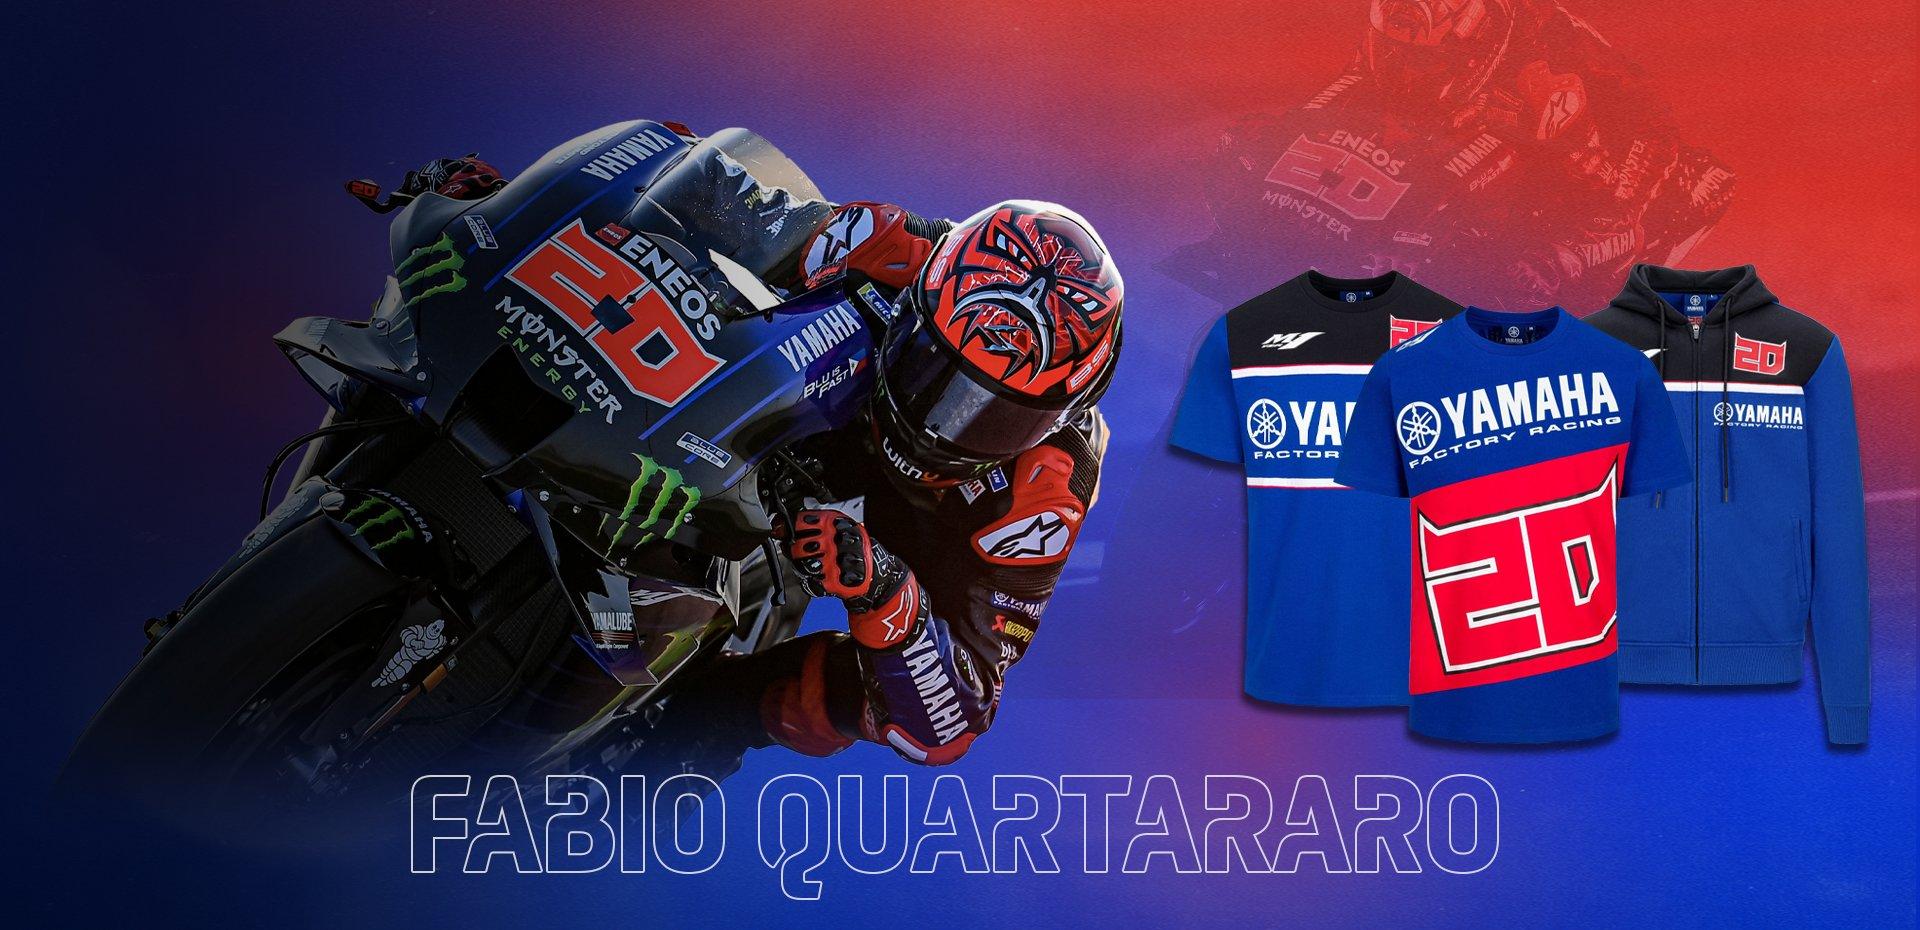 Nueva colección FQ20 y Yamaha